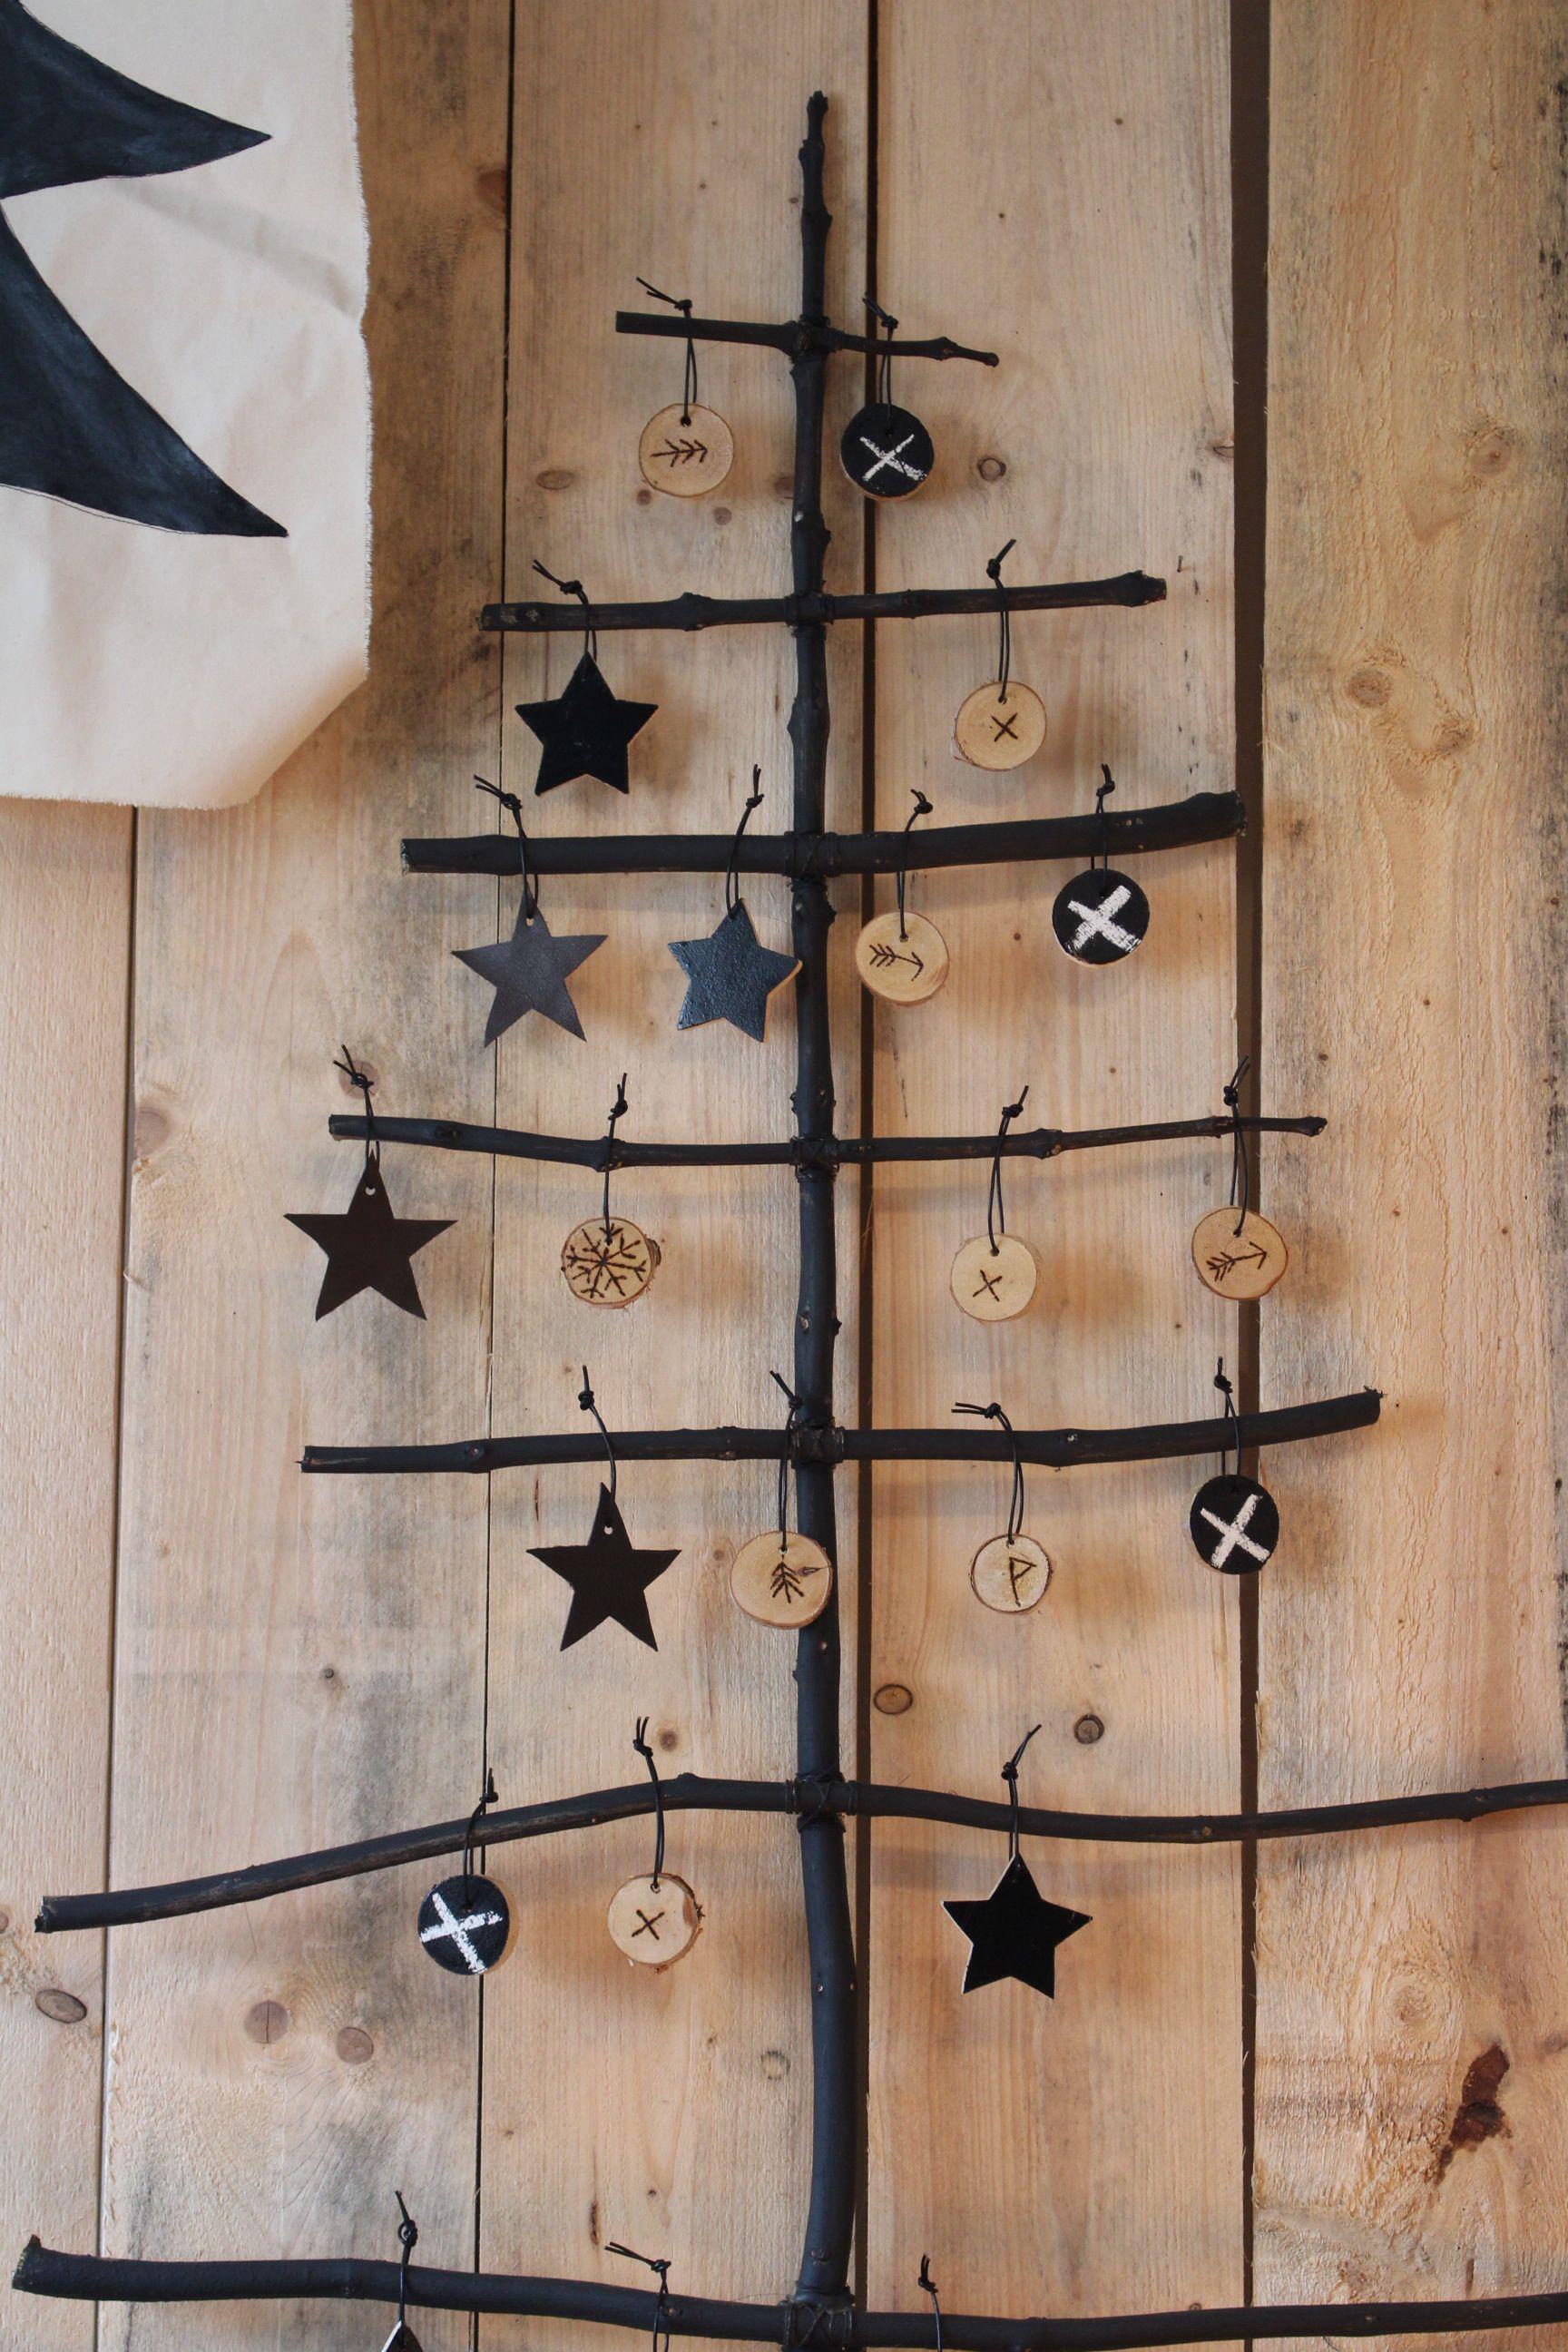 schlichter weihnachtsbaum 35 sch ne alternativen zum. Black Bedroom Furniture Sets. Home Design Ideas